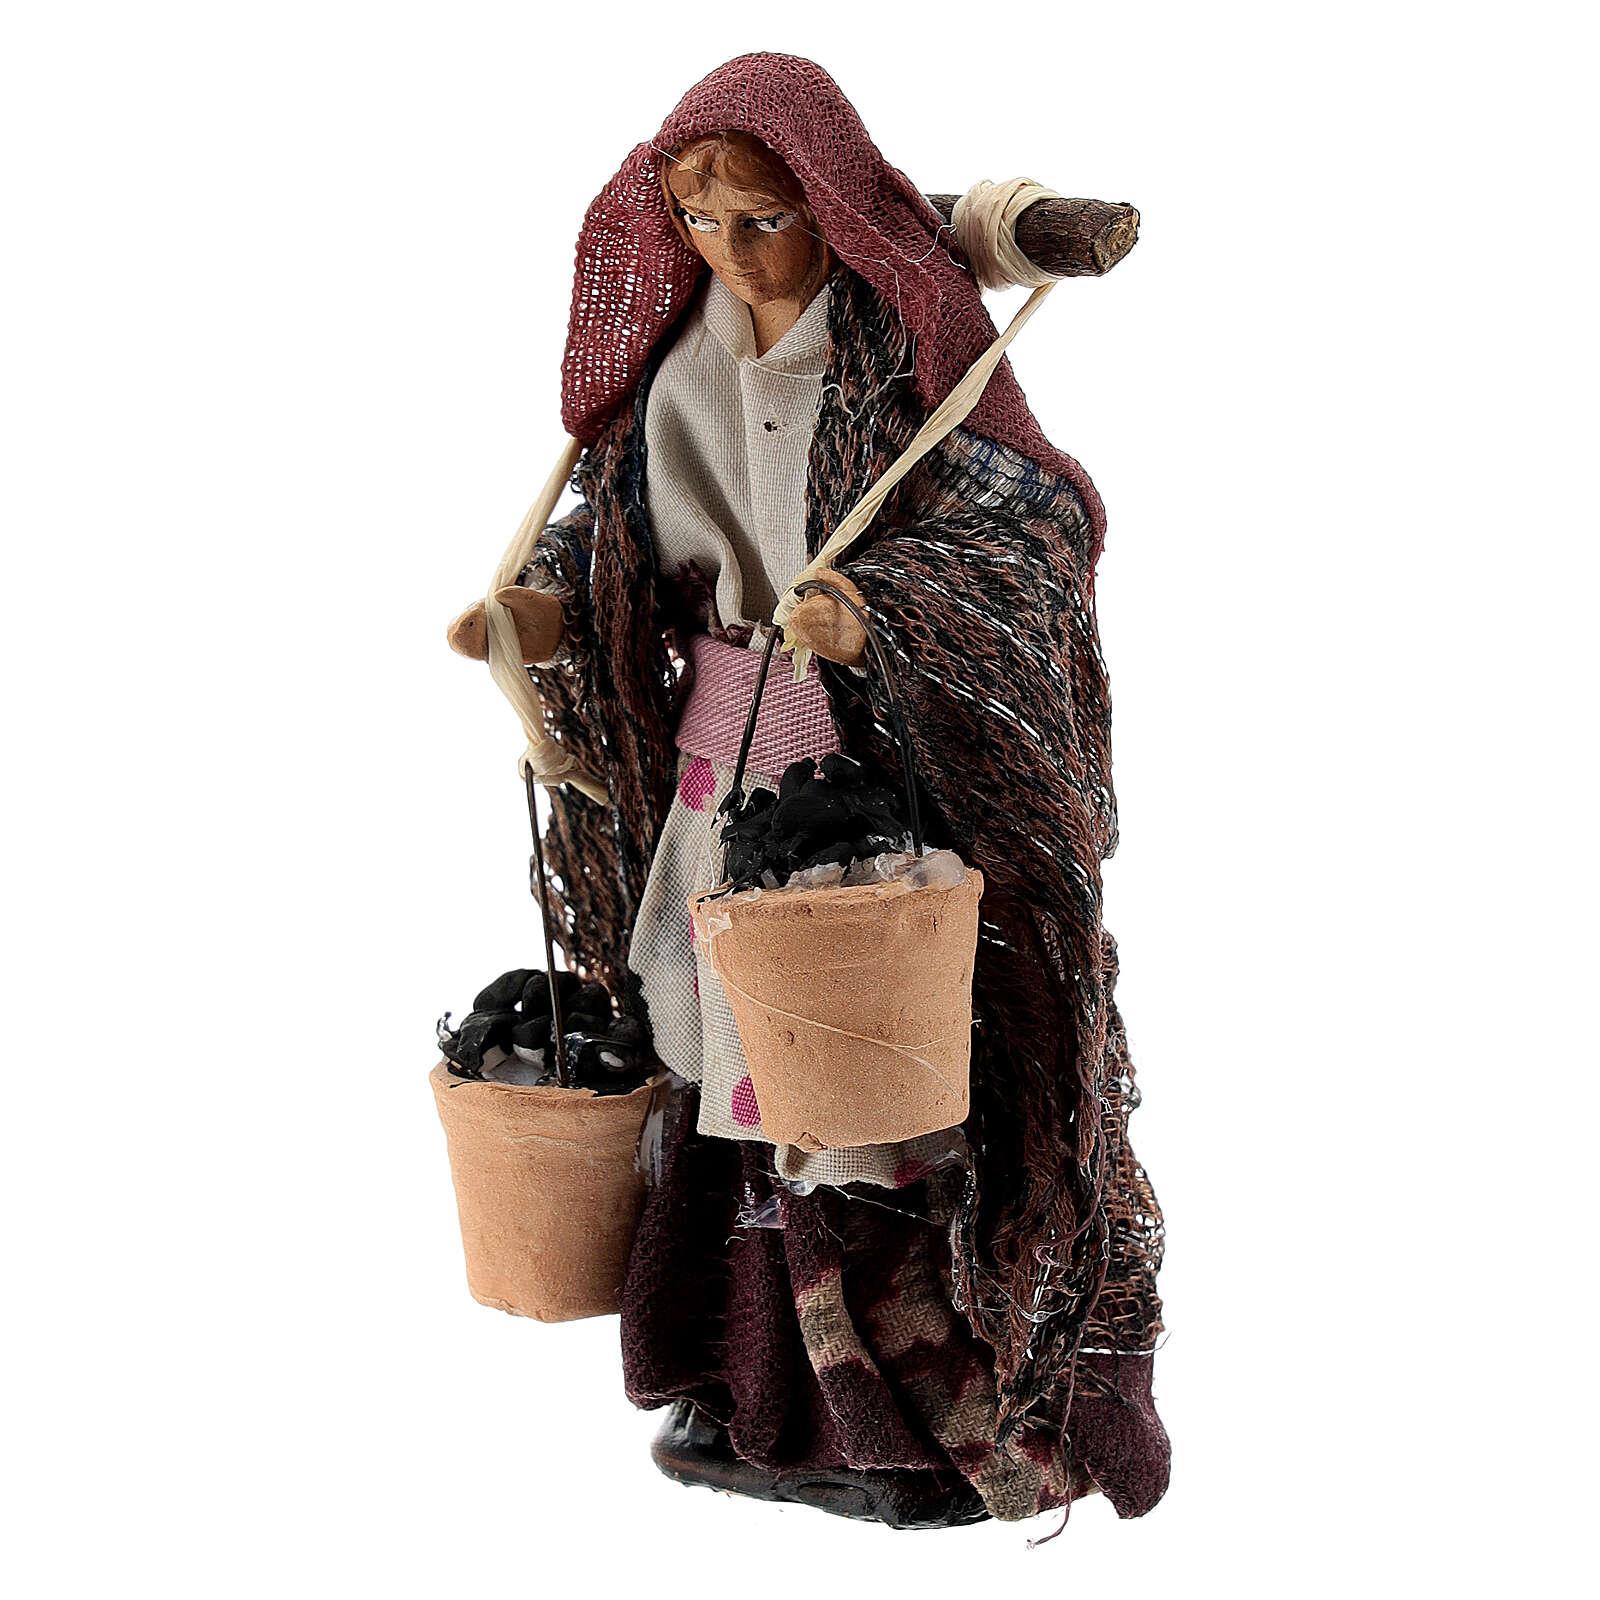 Donna con cesti carboni terracotta 8 cm presepe napoletano 4